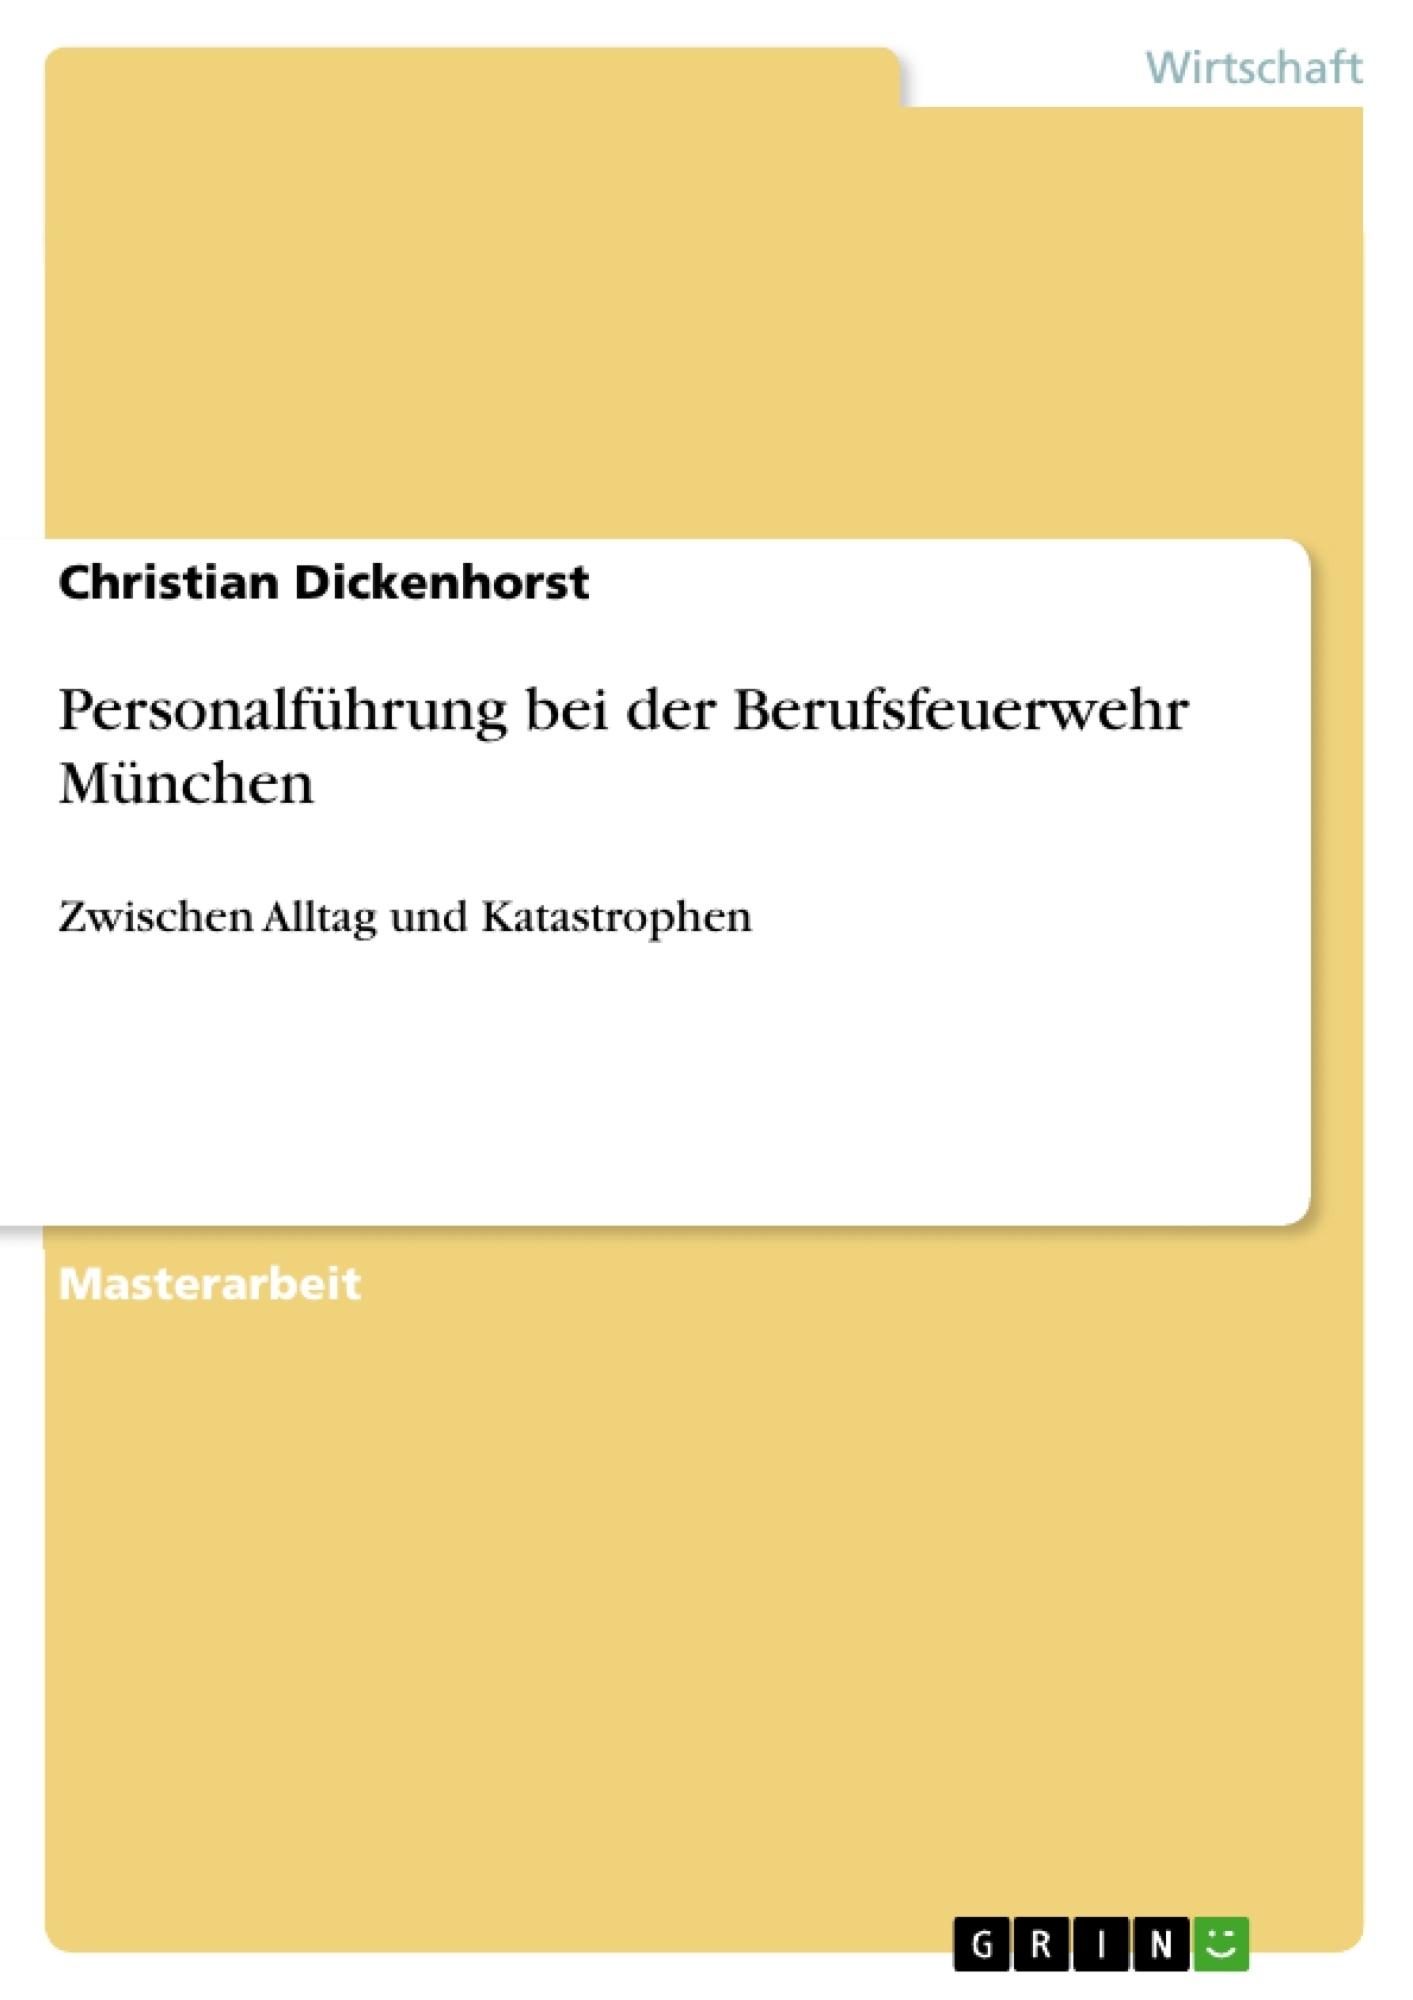 Titel: Personalführung bei der Berufsfeuerwehr München